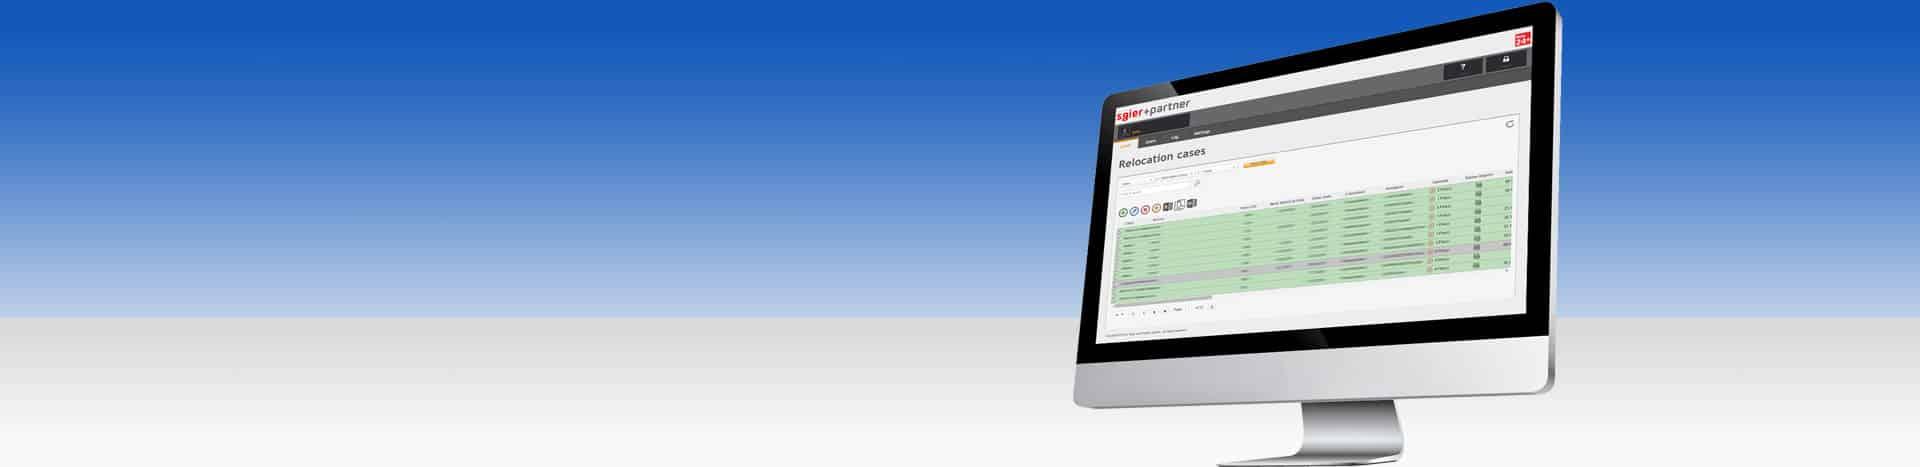 Relo24 ist die Software von Sgier + Partner für Relocation Programme